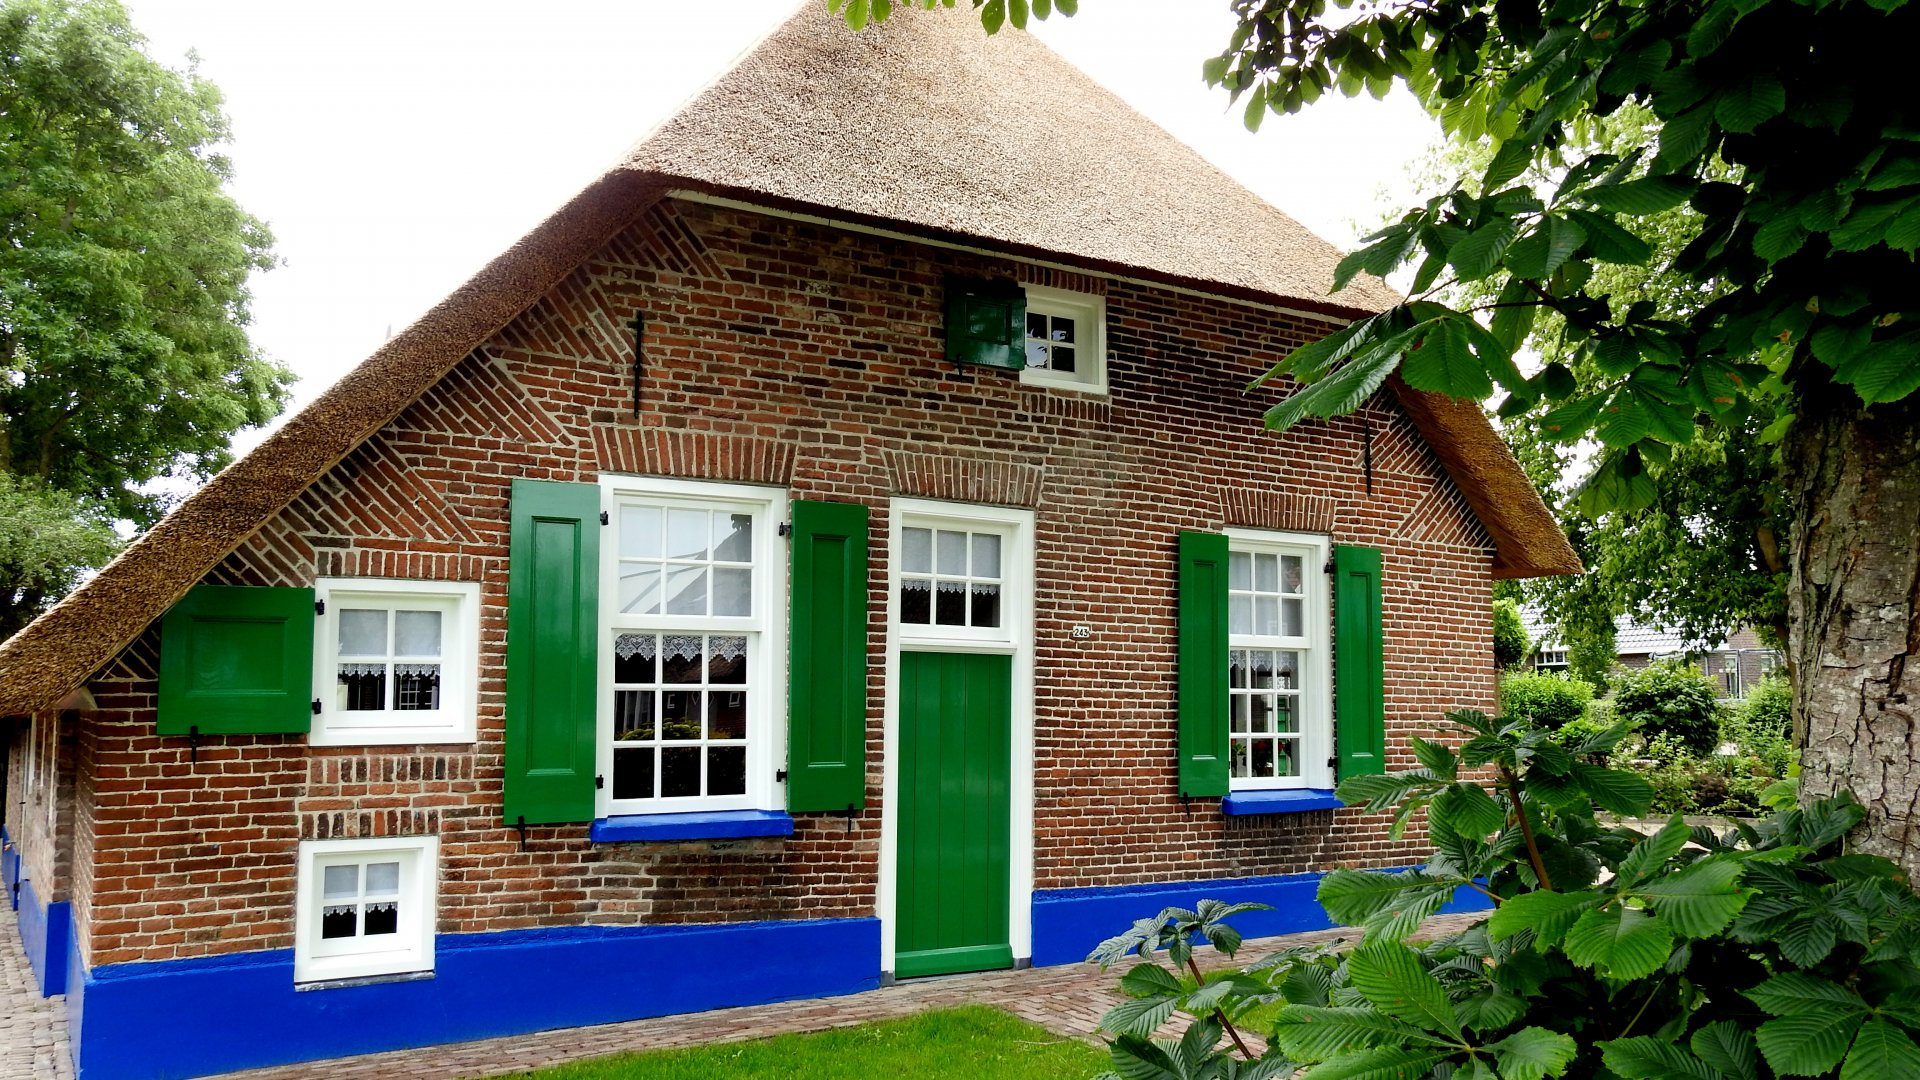 Staphorster boerderijuit ongeveer 1850 in Rouveen